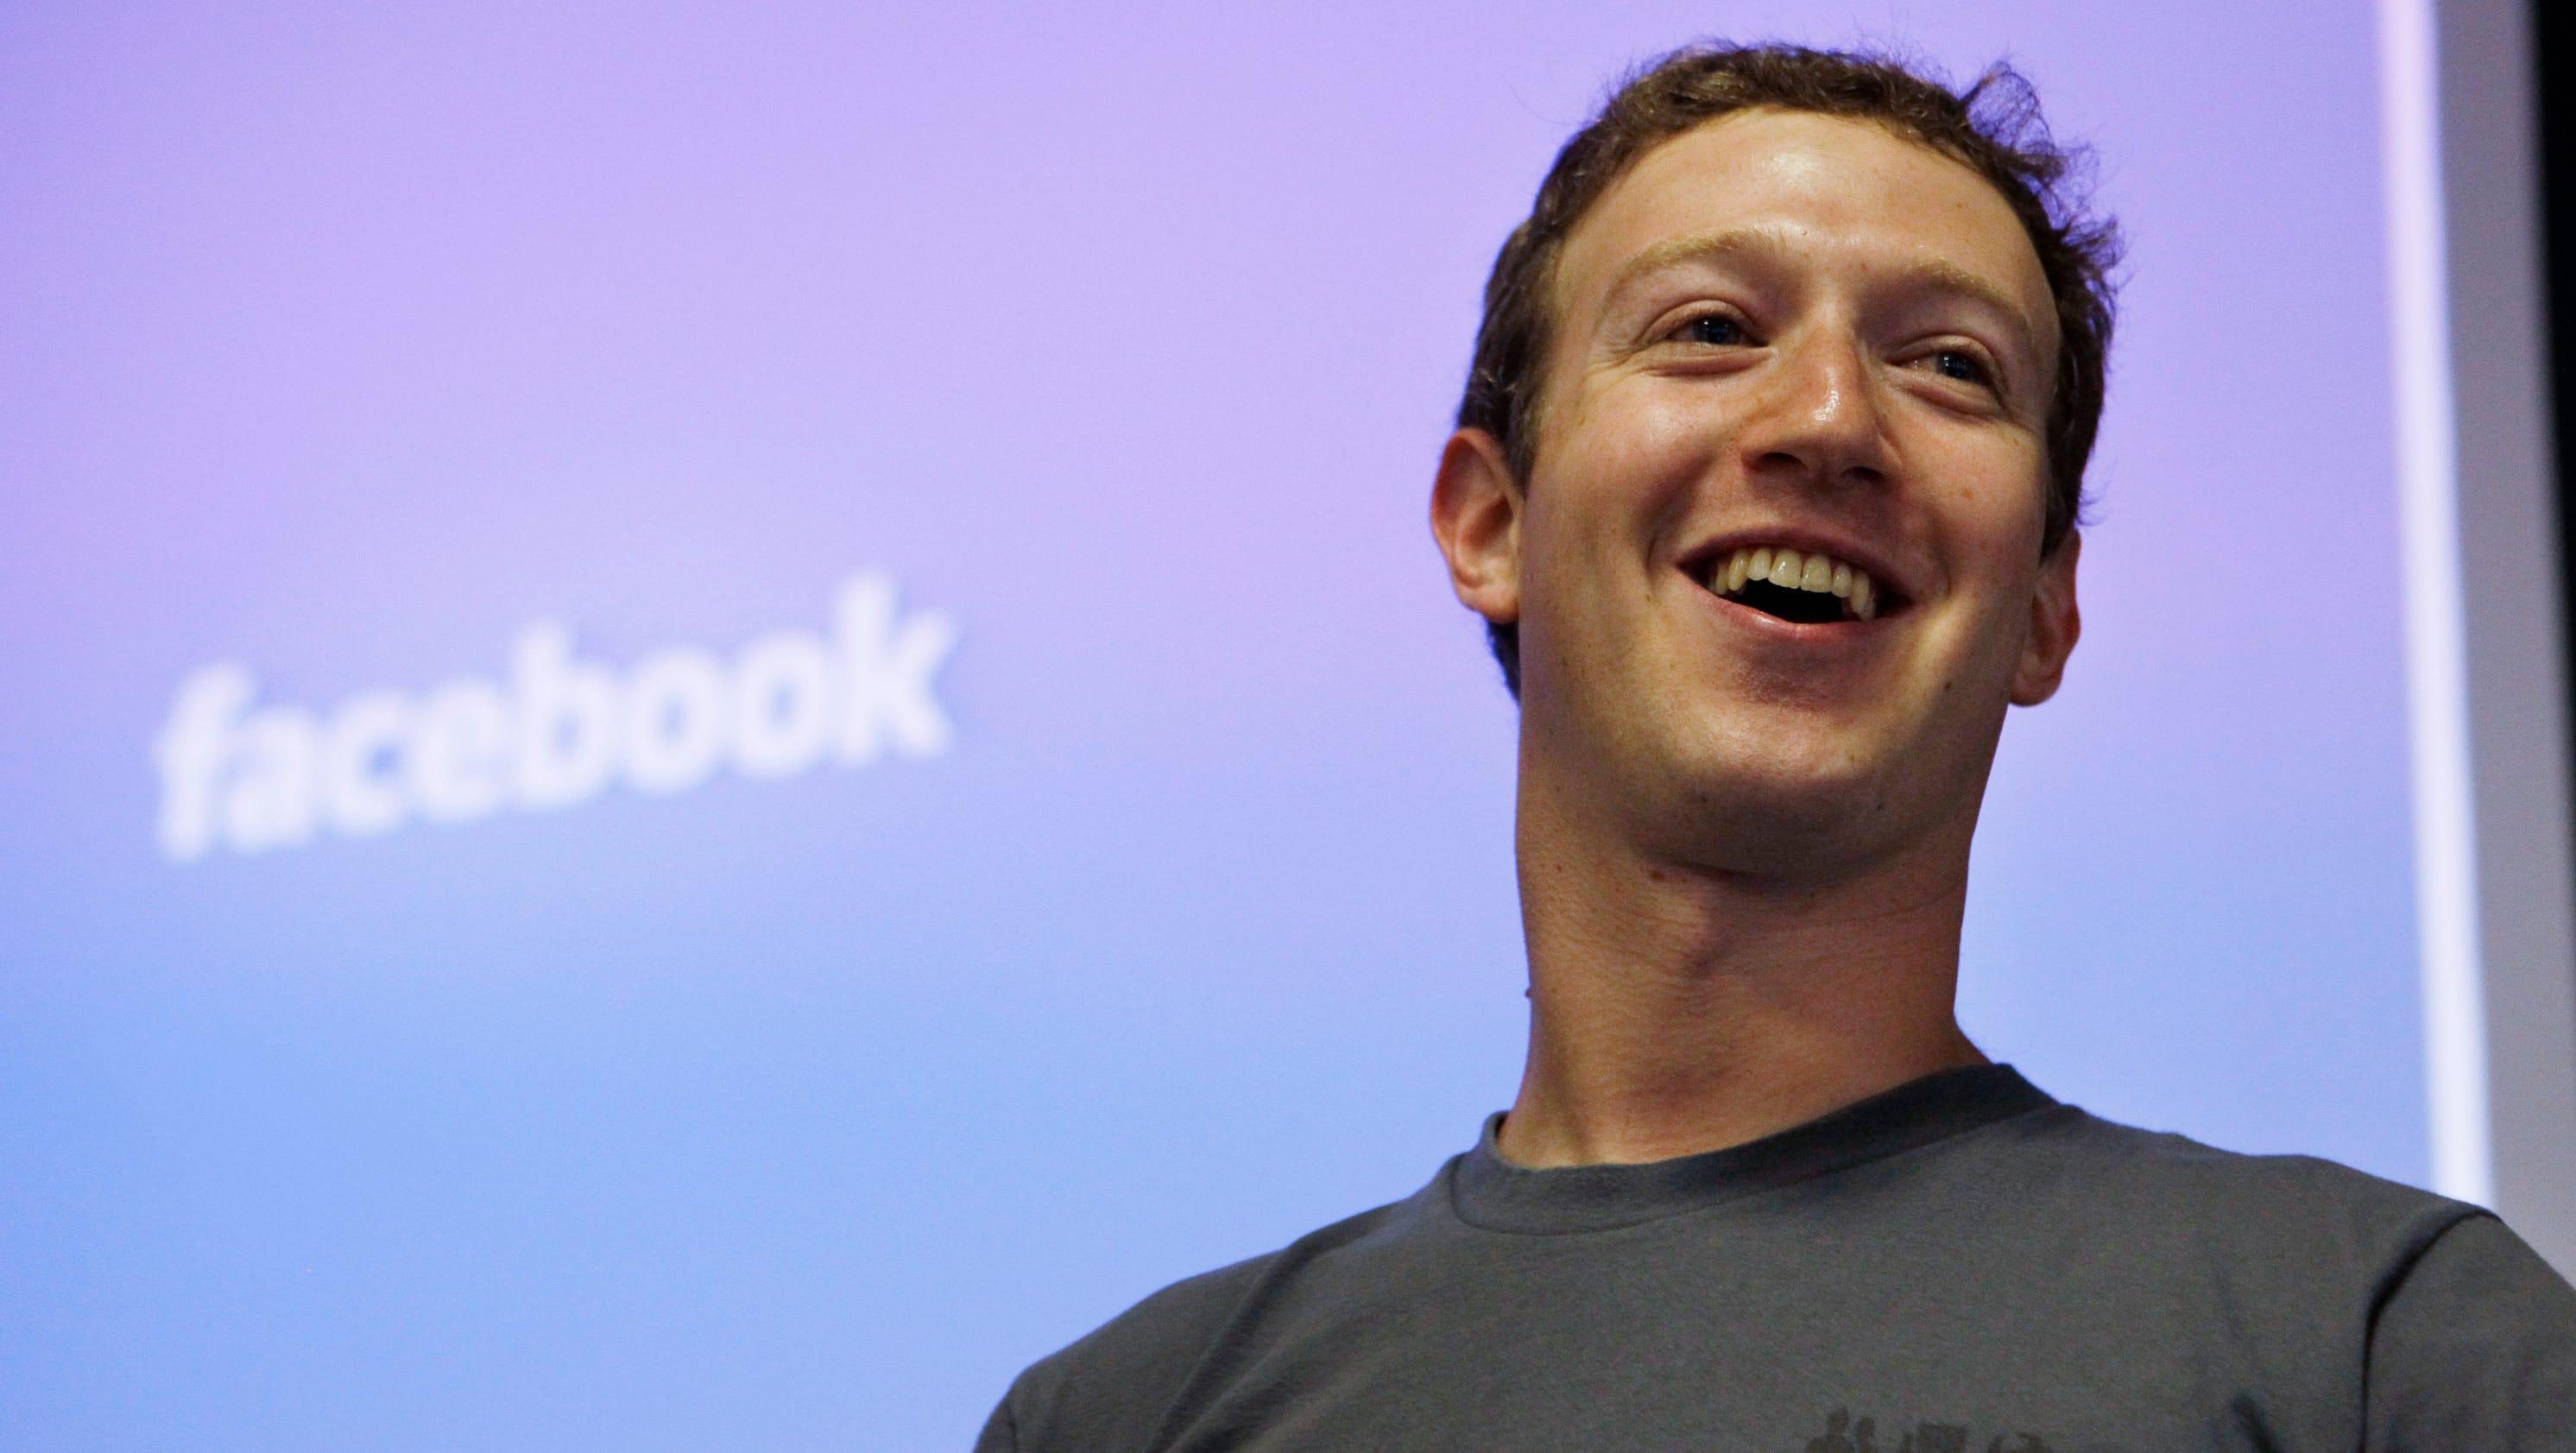 Facebook CEO Mark Zuckerberg is $1.6 billion richer